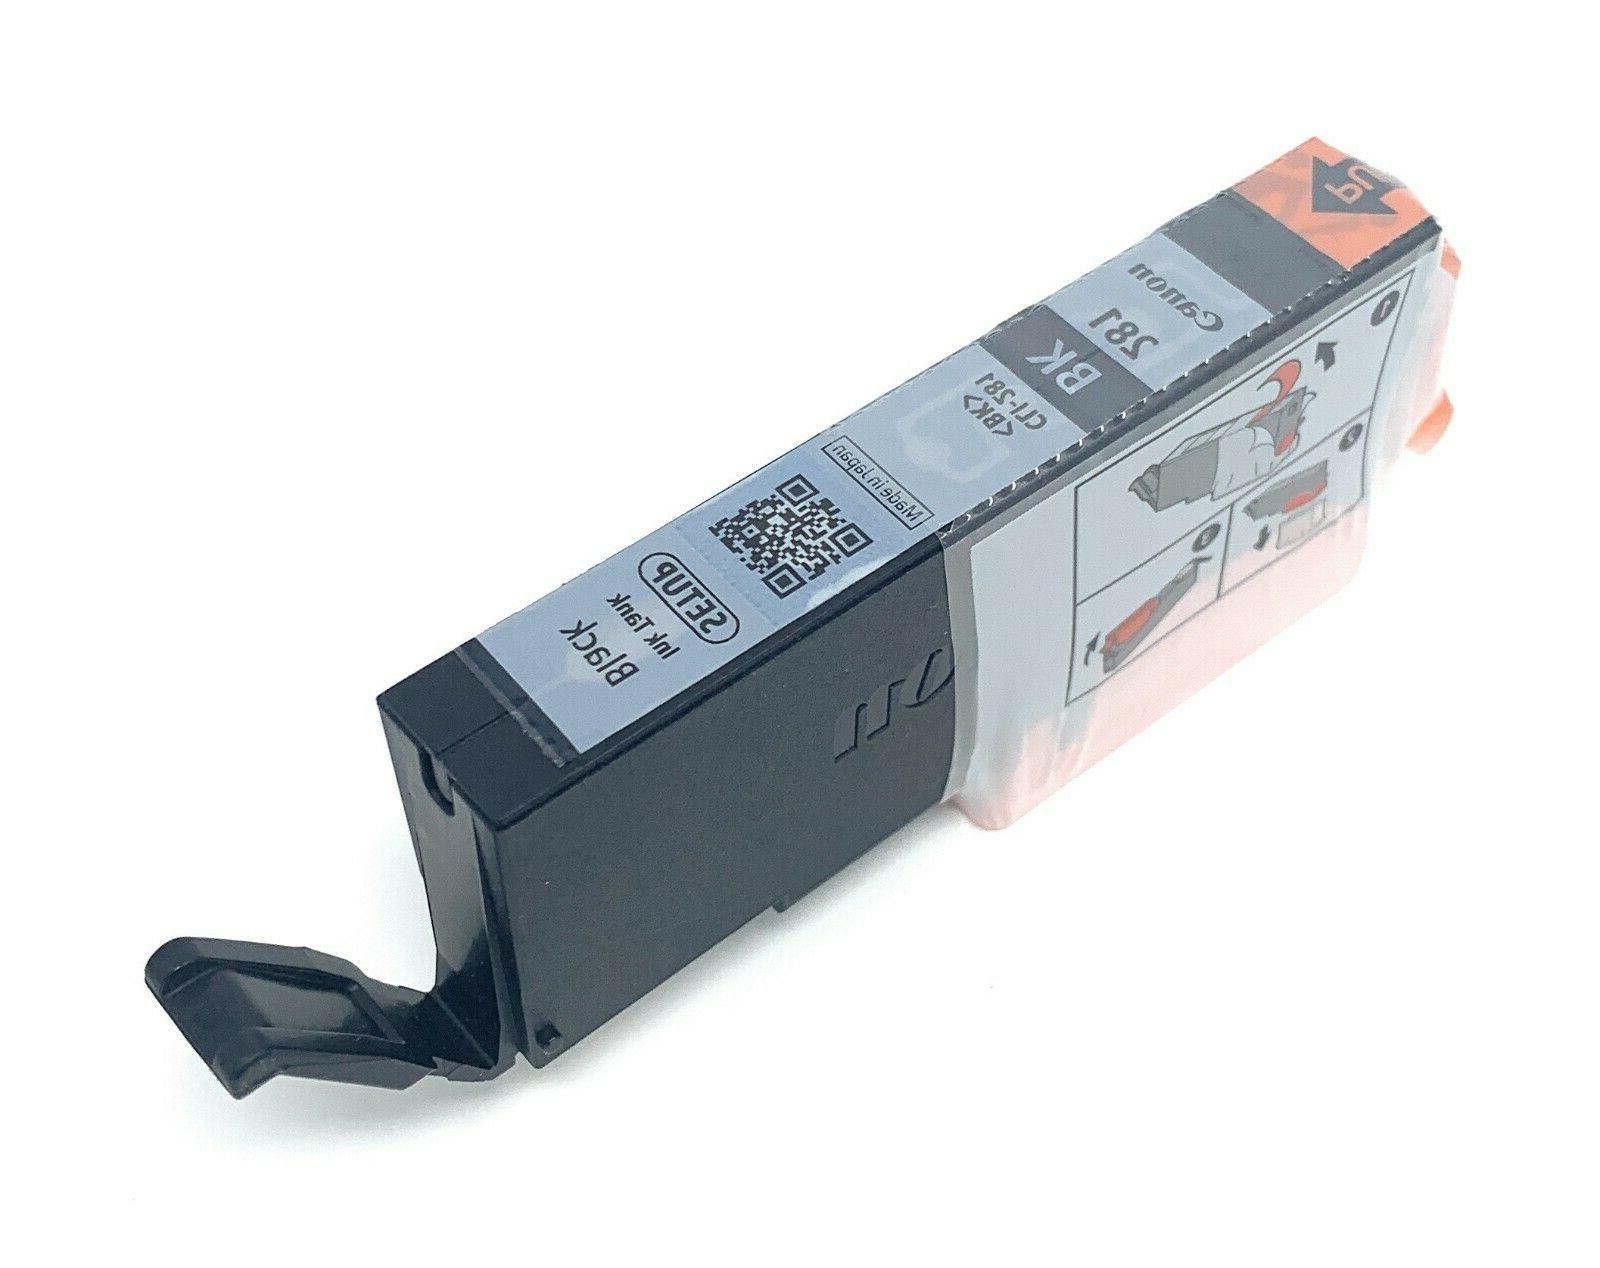 Canon Genuine & Colors and PGI/CLI Black Cartridge